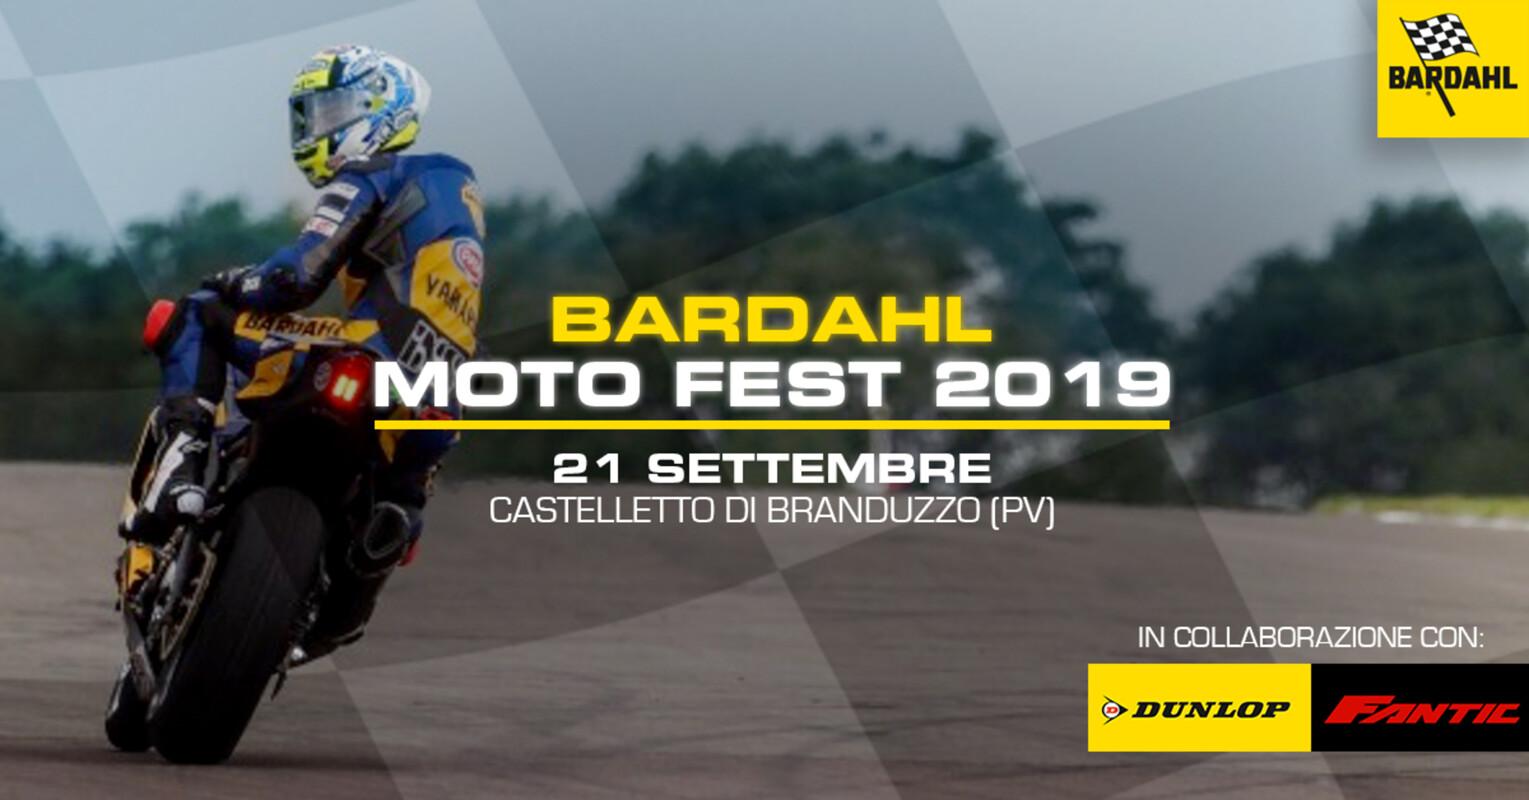 Moto Fest 2019